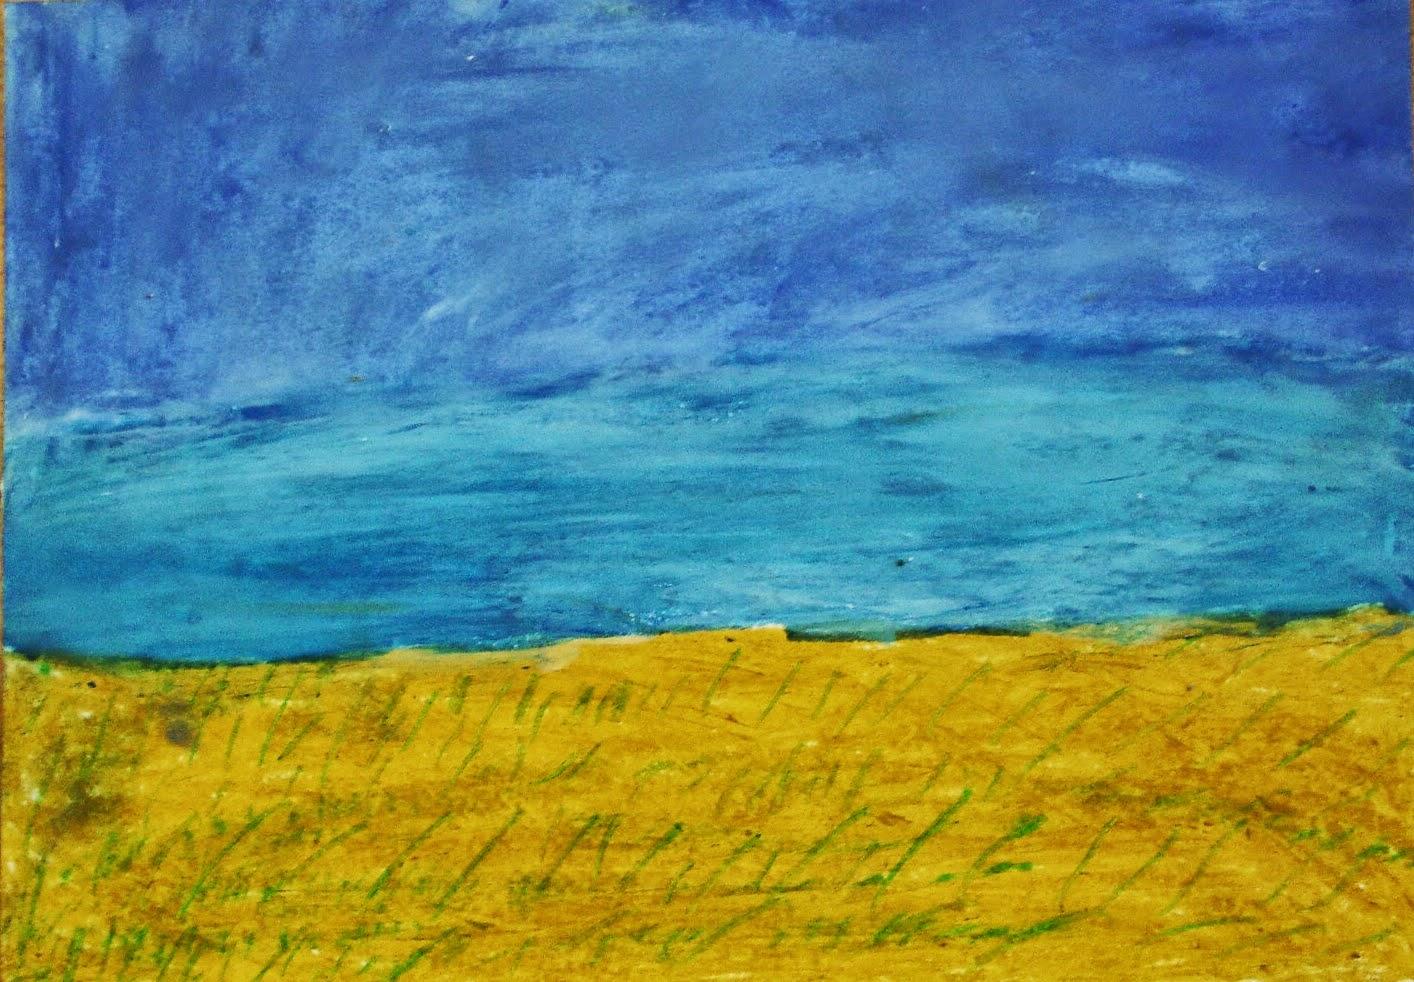 http://viurelamirada.blogspot.com.es/2014/05/els-colors-de-les-estacions-de-lany.html